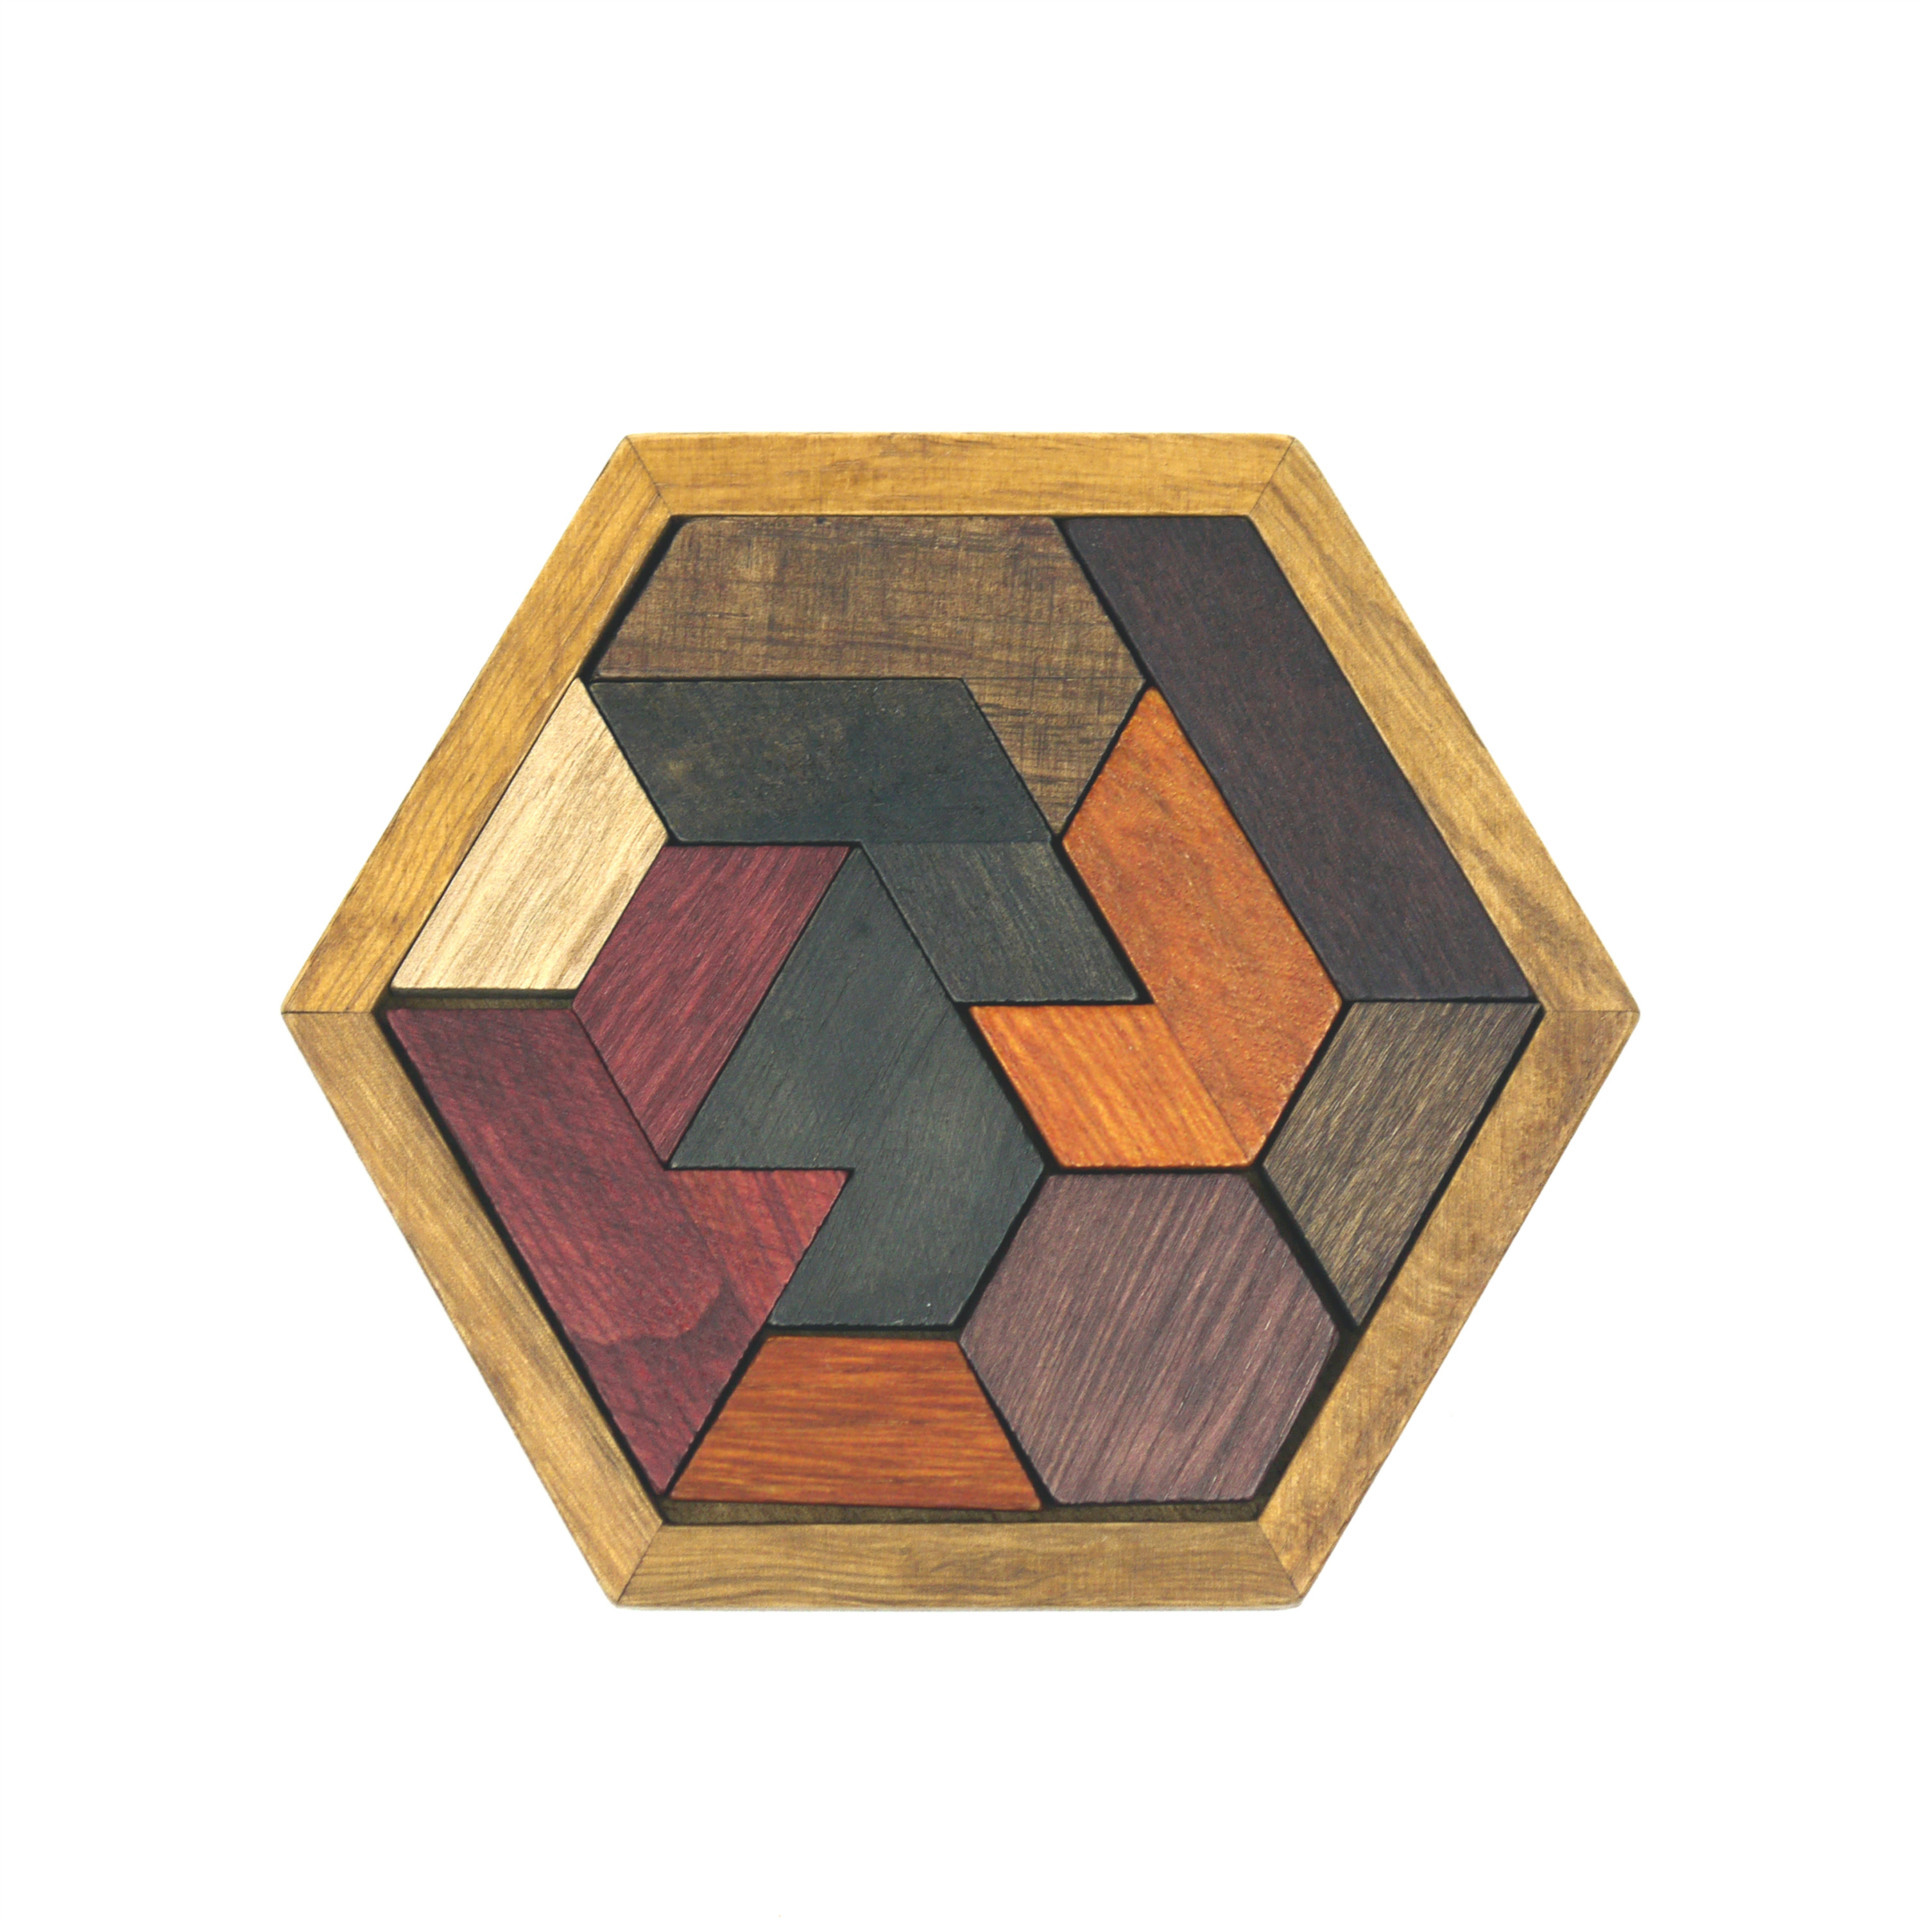 Новинка 2017 года дети Паззлы деревянный Игрушечные лошадки головоломки дерево геометрич ...